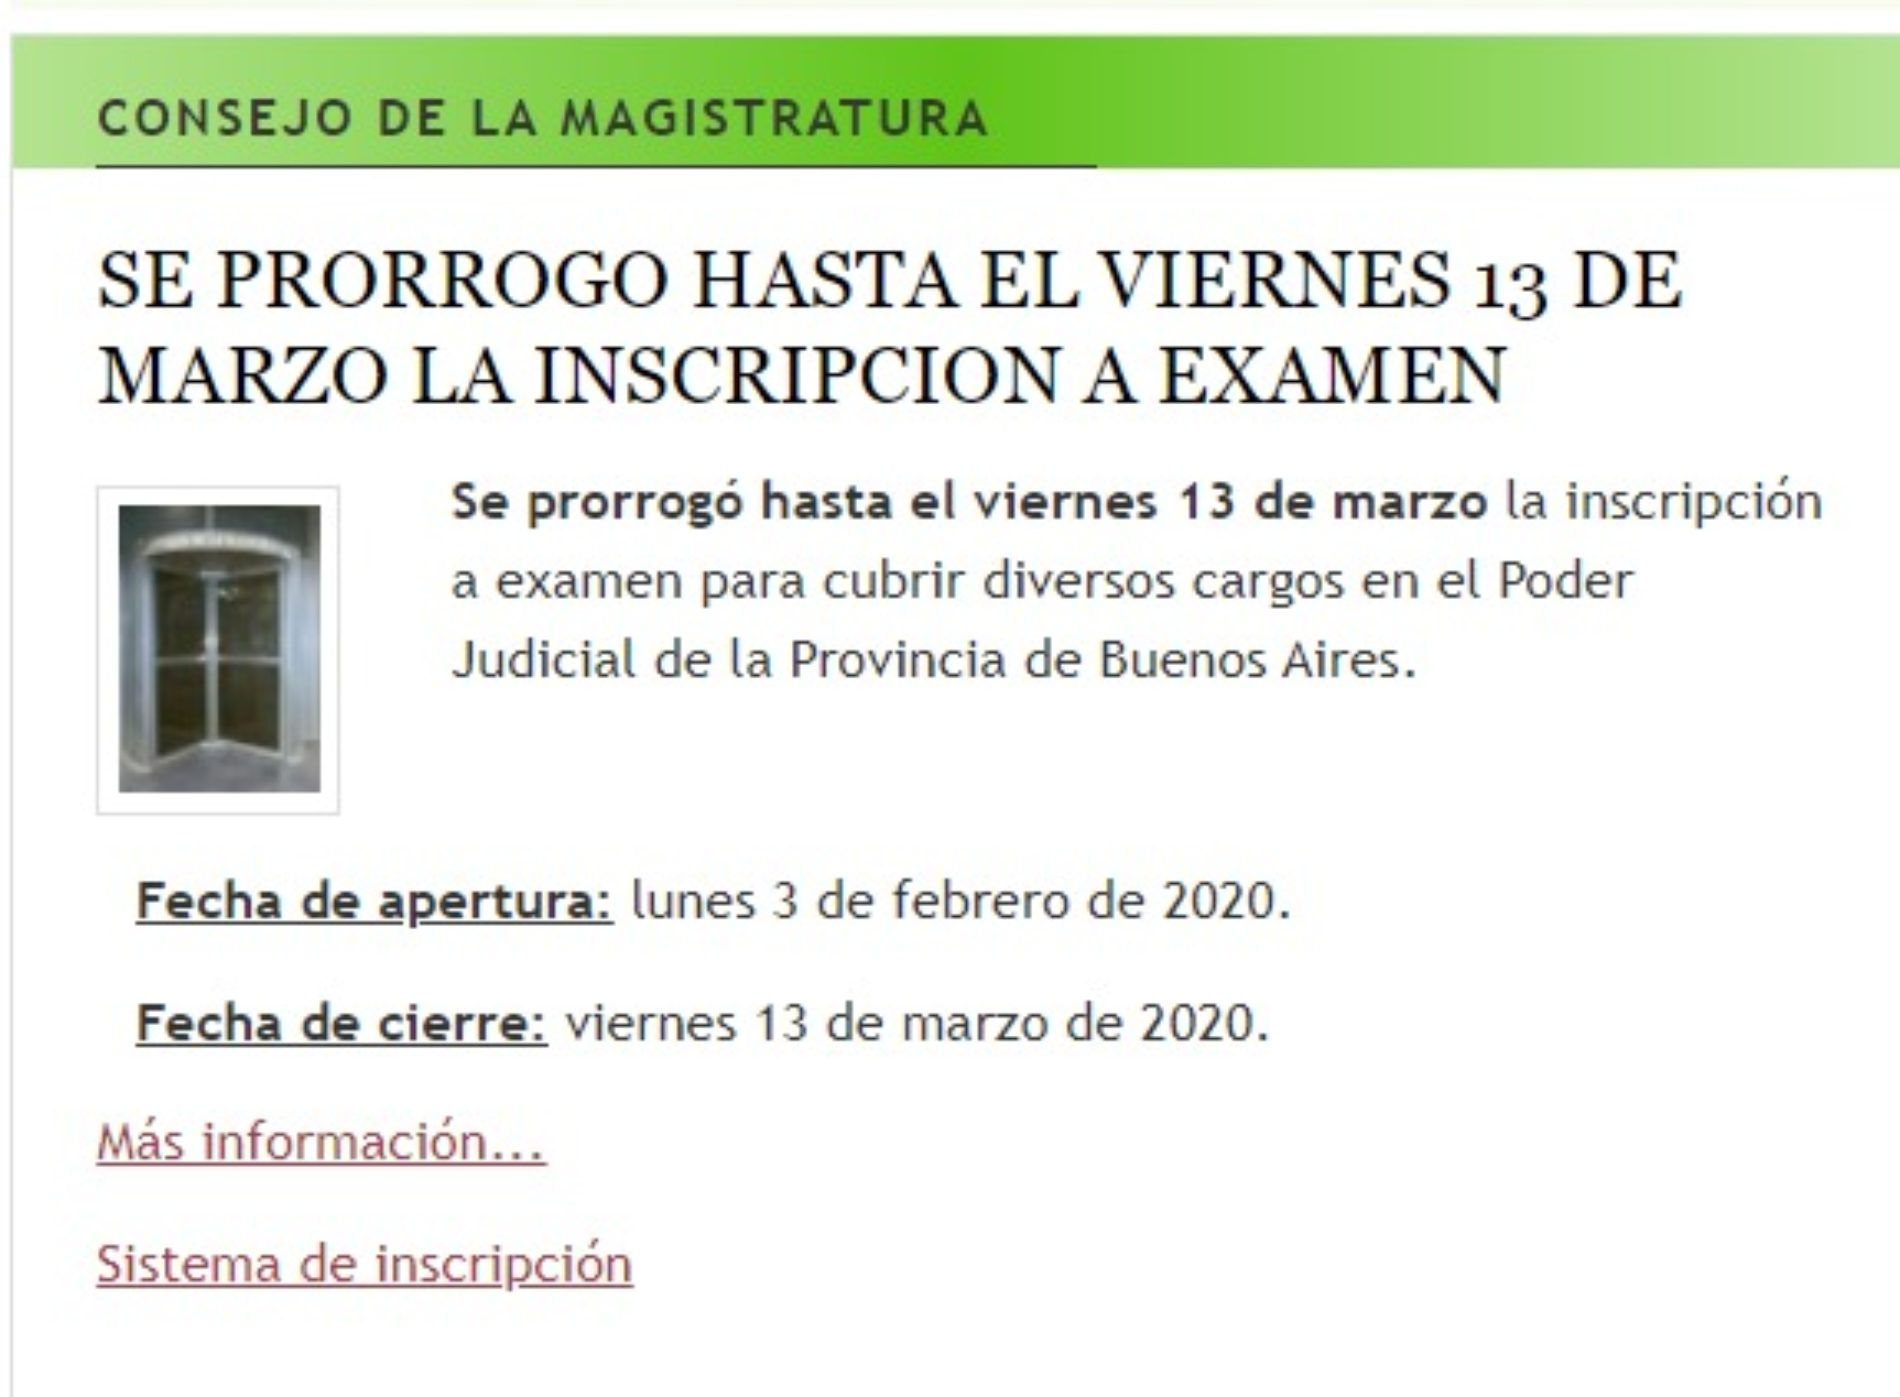 CONSEJO DE LA MAGISTRATURA: Se prorrogó hasta el viernes 13 de marzo la inscripción a examen.